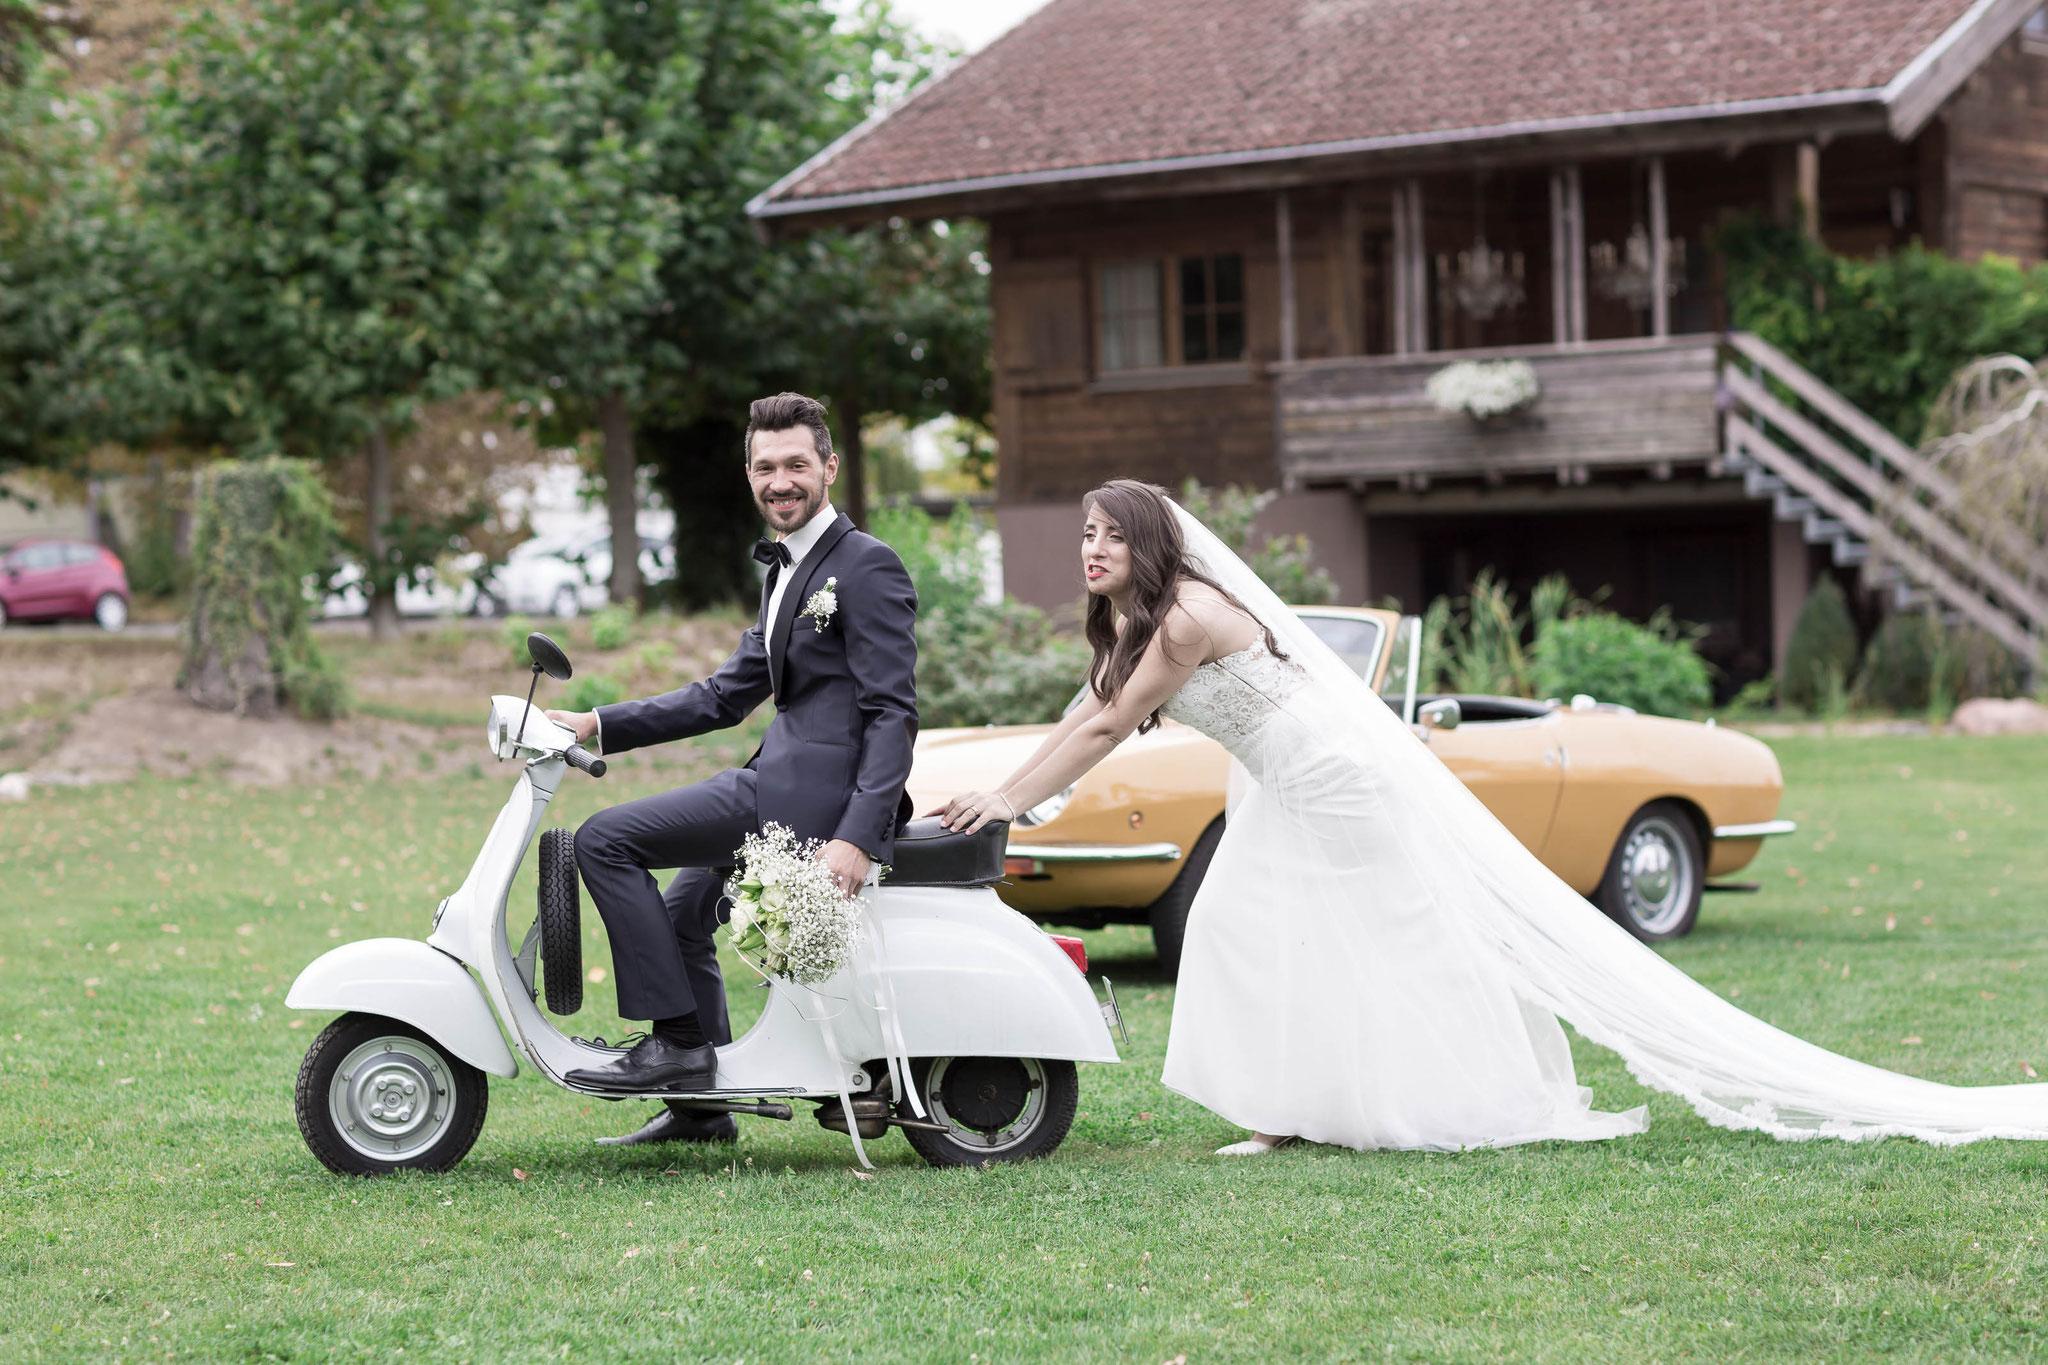 Nachgestellte Szenen während einem Shooting mit der Braut und dem Bräutigam